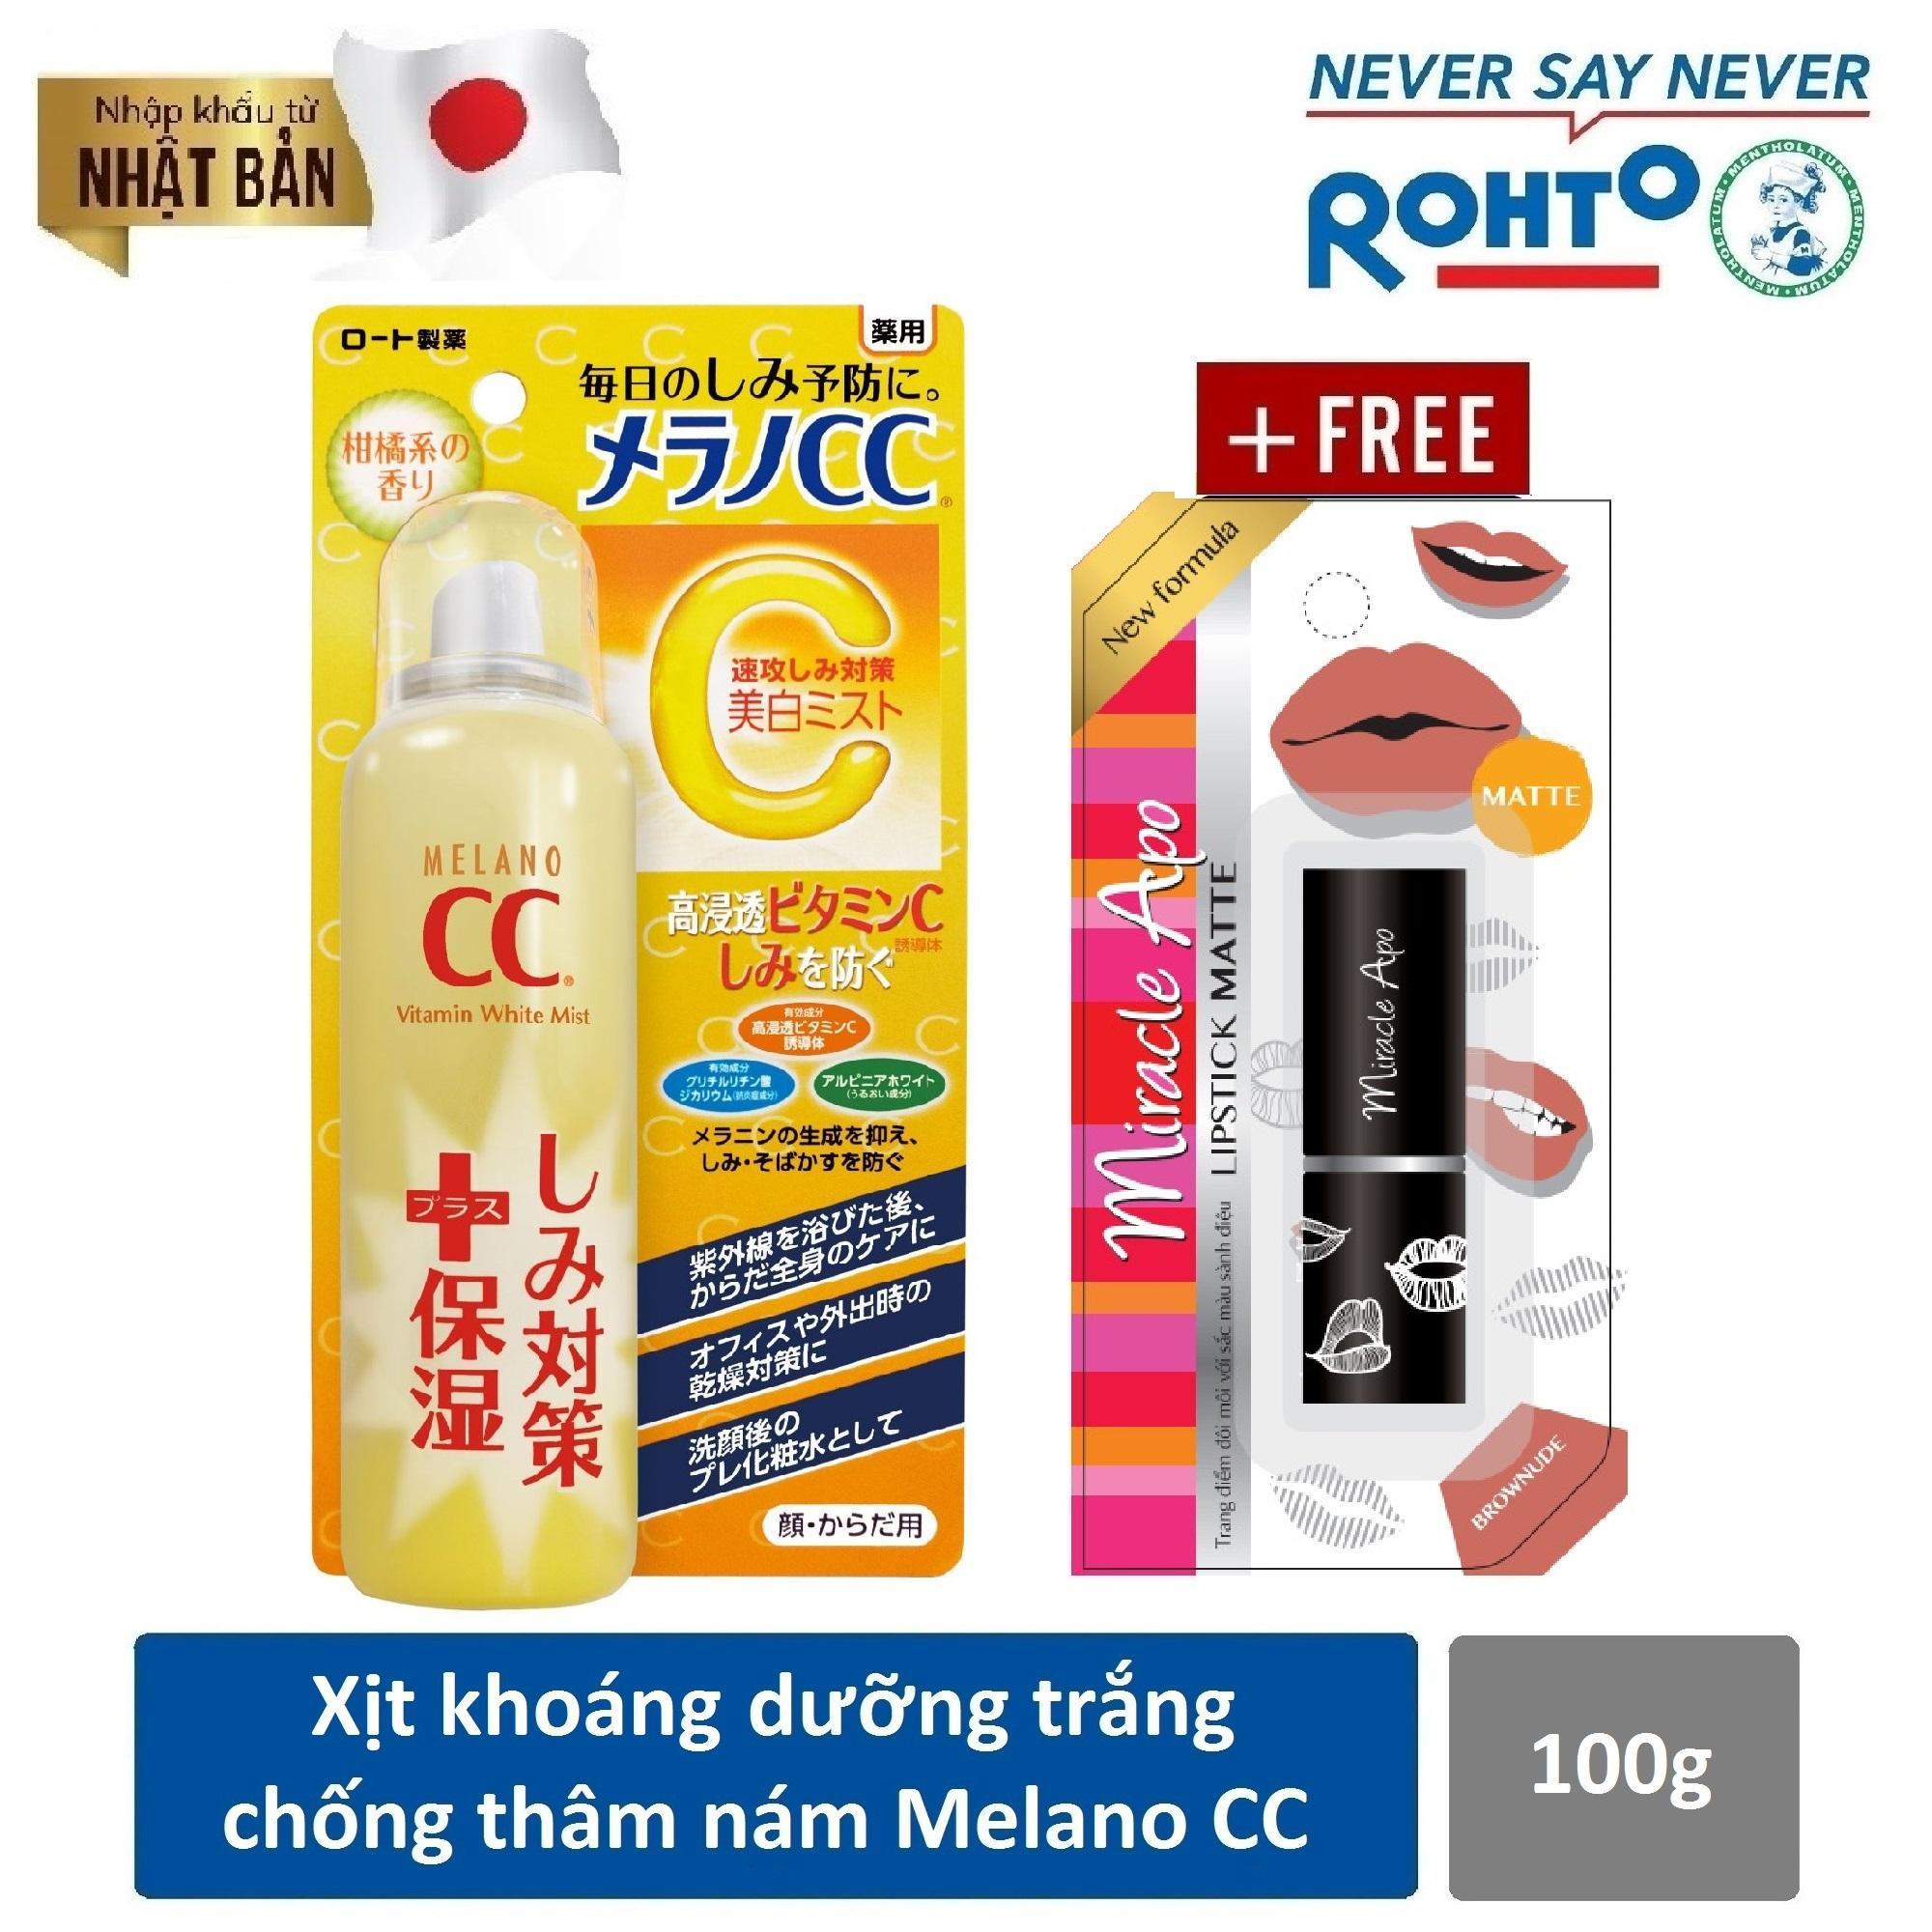 Xịt khoáng dưỡng trắng da chống thâm nám Melano CC Whitening Mist 100g ( Nhập khẩu từ Nhật Bản) + Tặng Son Lì Miracle Apo Lipstick Matte Brownude - Nâu đất 4g